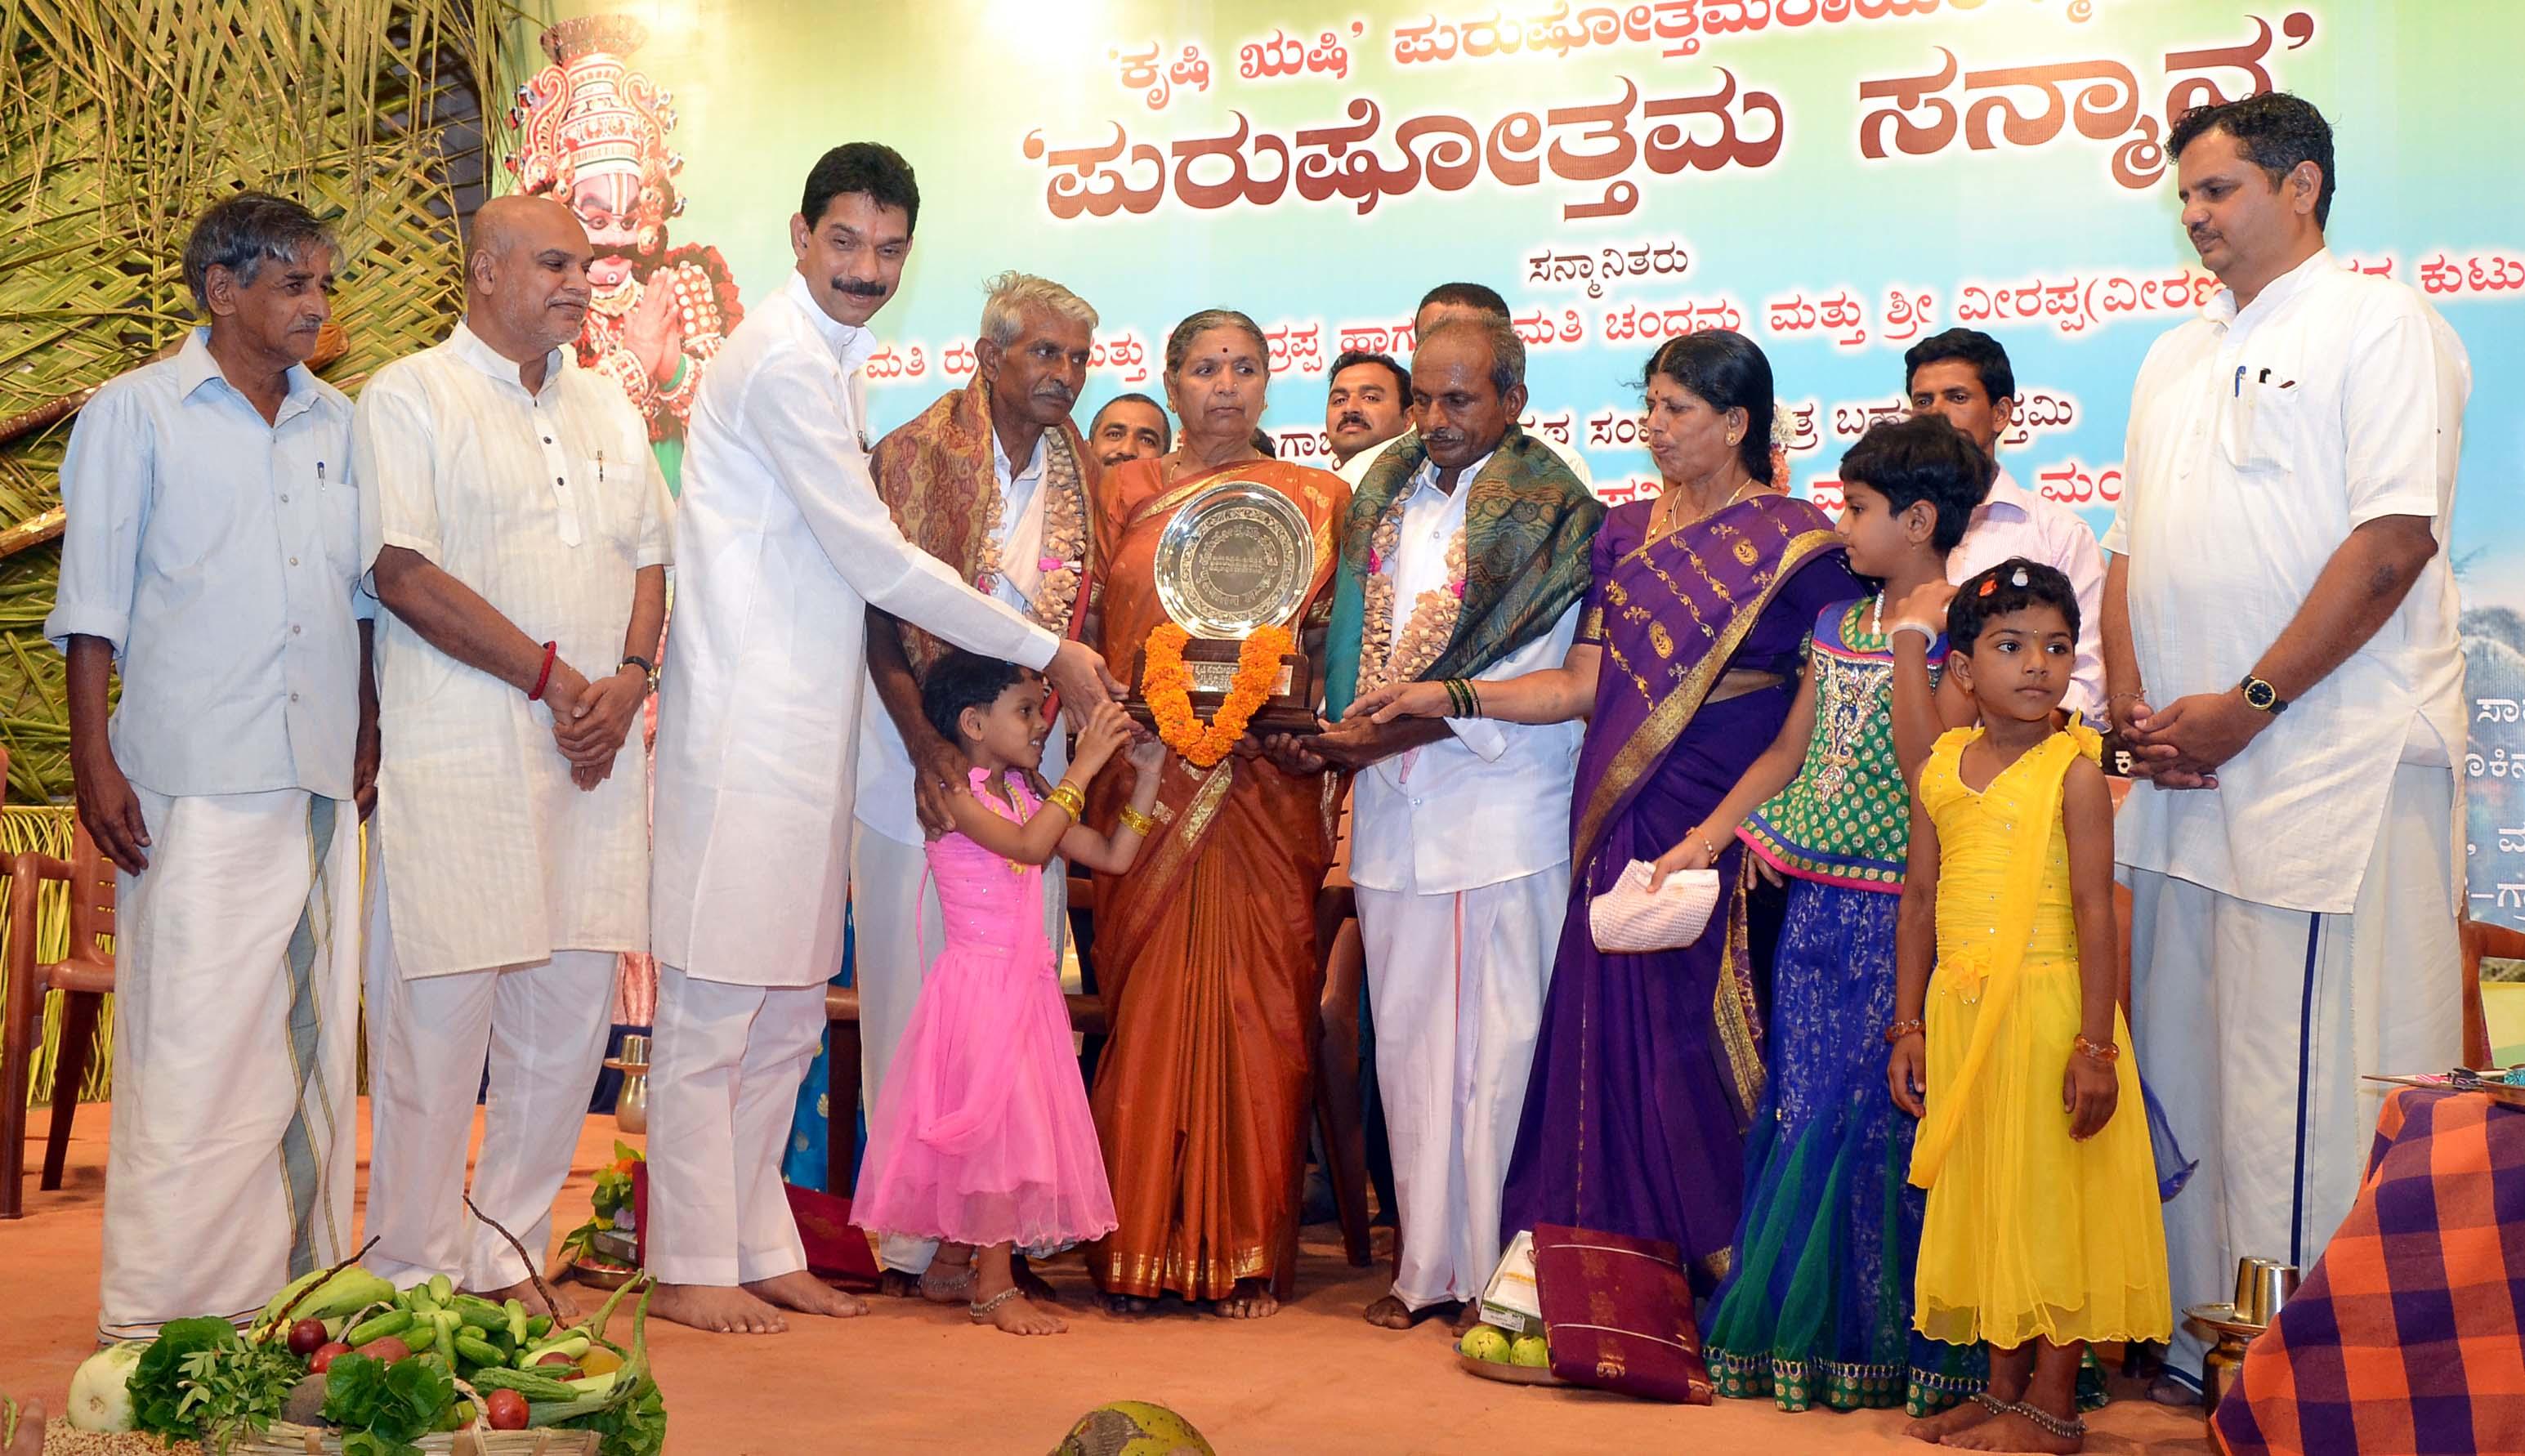 RSS Akhil Bharatiya sah Bouddhik Pramukh CR Mukunda, MP Nalin Kumar at 'Purushottam Rao Krishi Samman' at Mangaluru